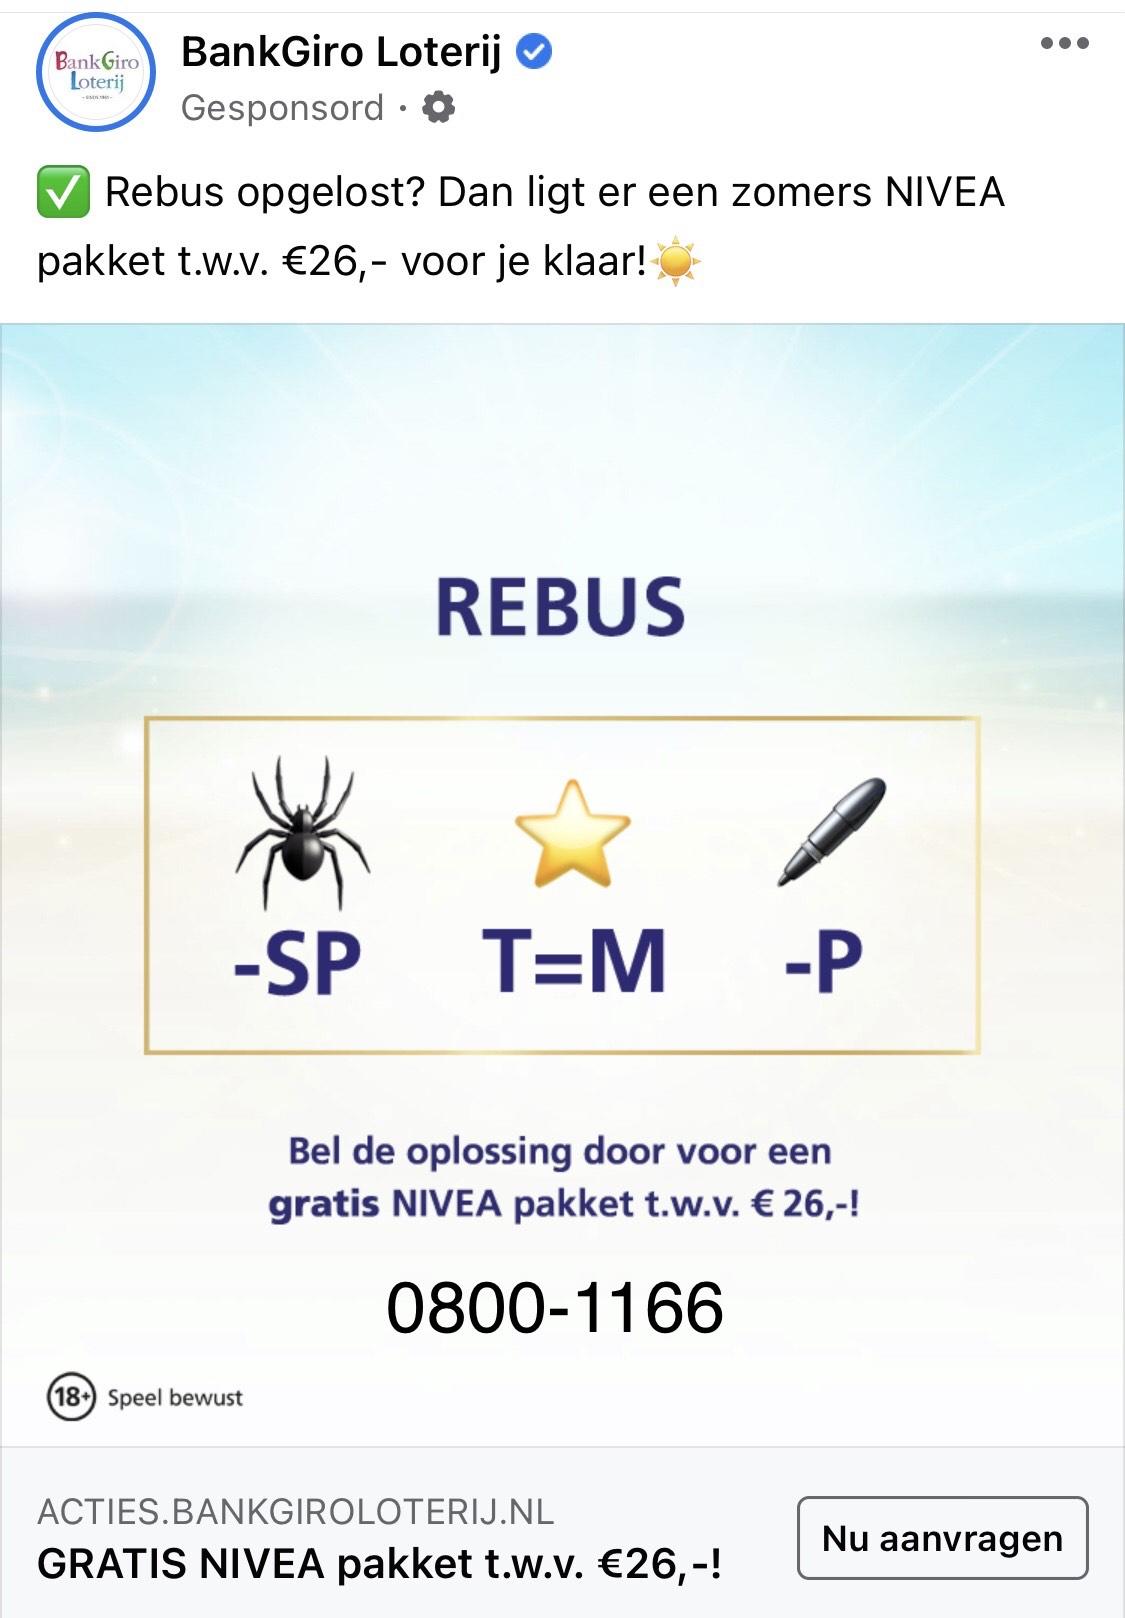 Gratis Nivea pakket twv €26,- bij doorgeven oplossing